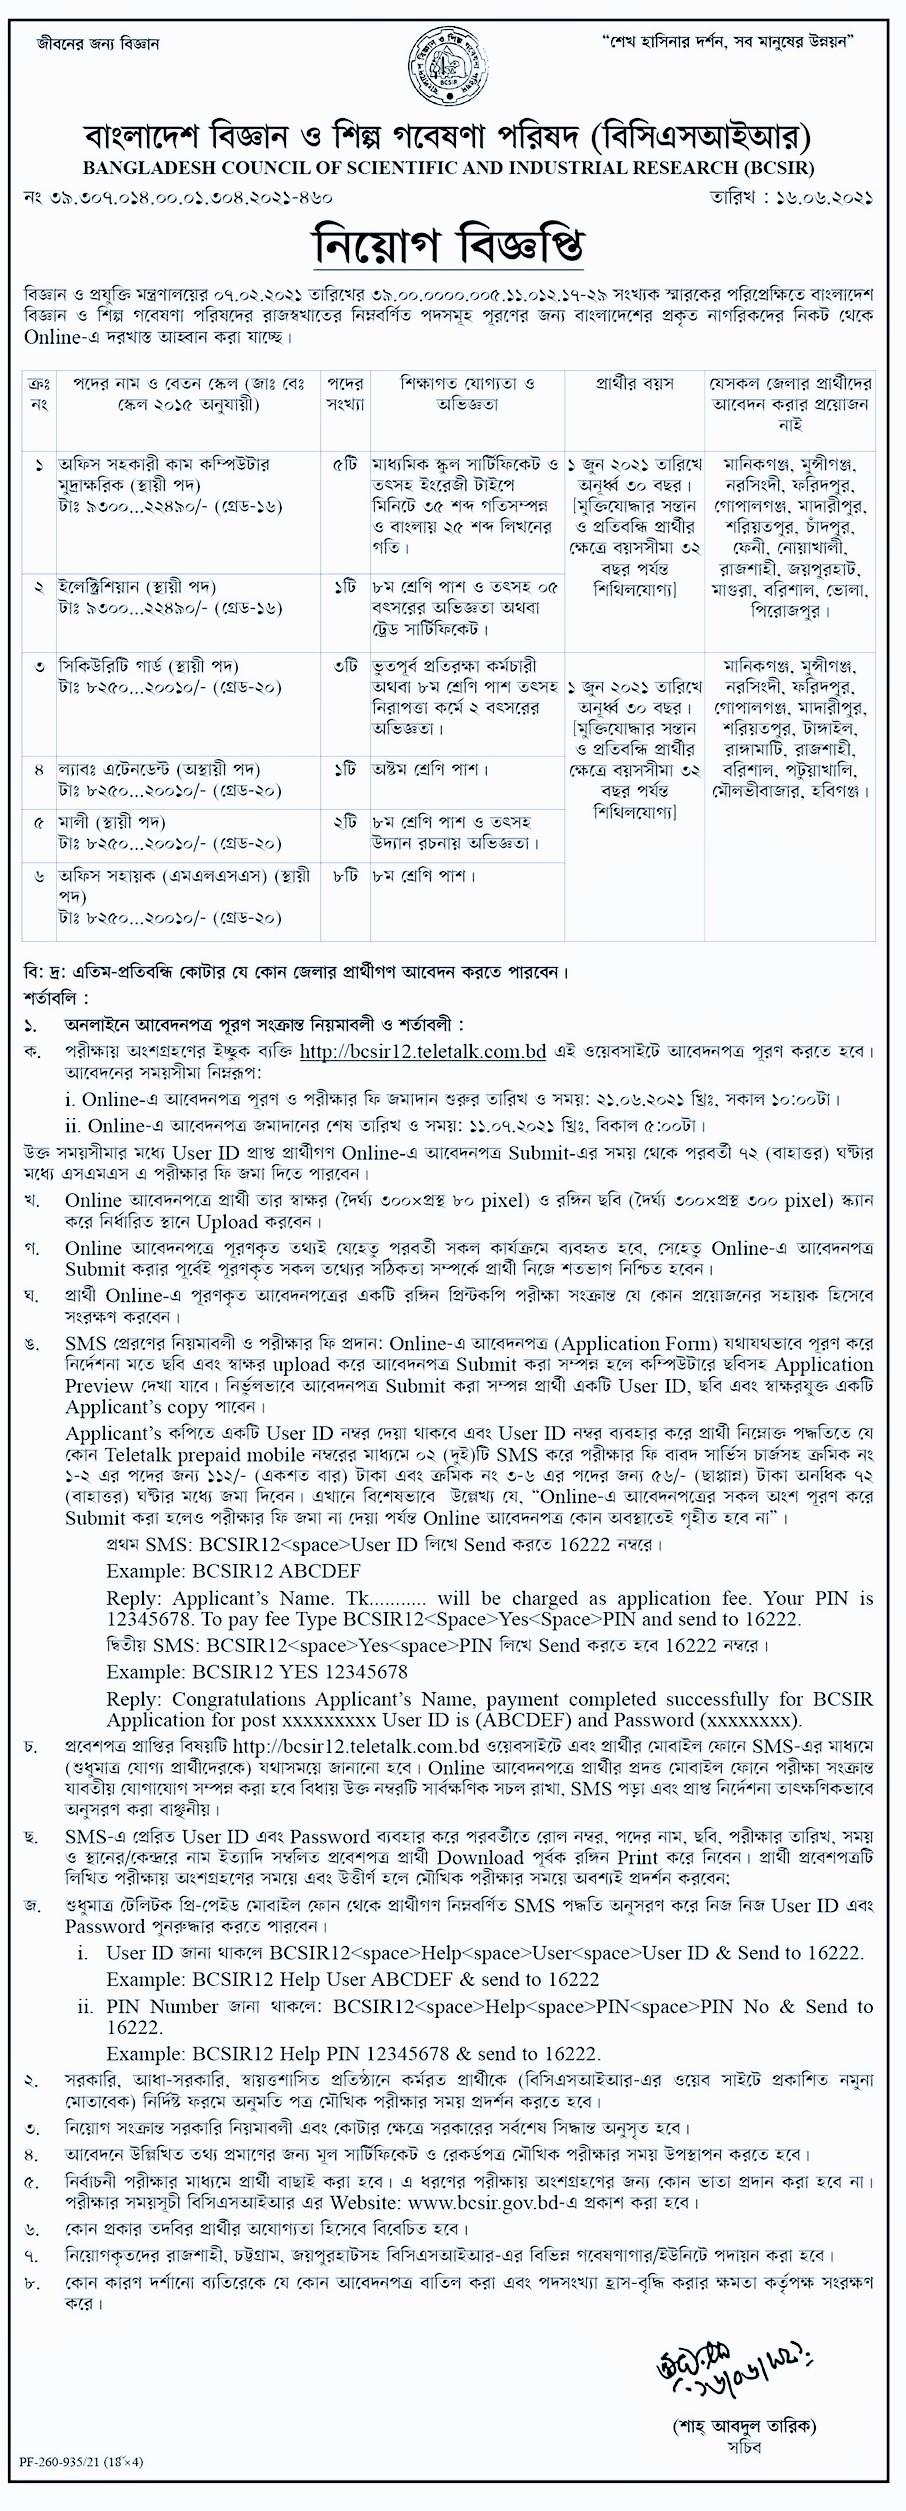 বিজ্ঞান ও প্রযুক্তি মন্ত্রনালয় নিয়োগ 2021